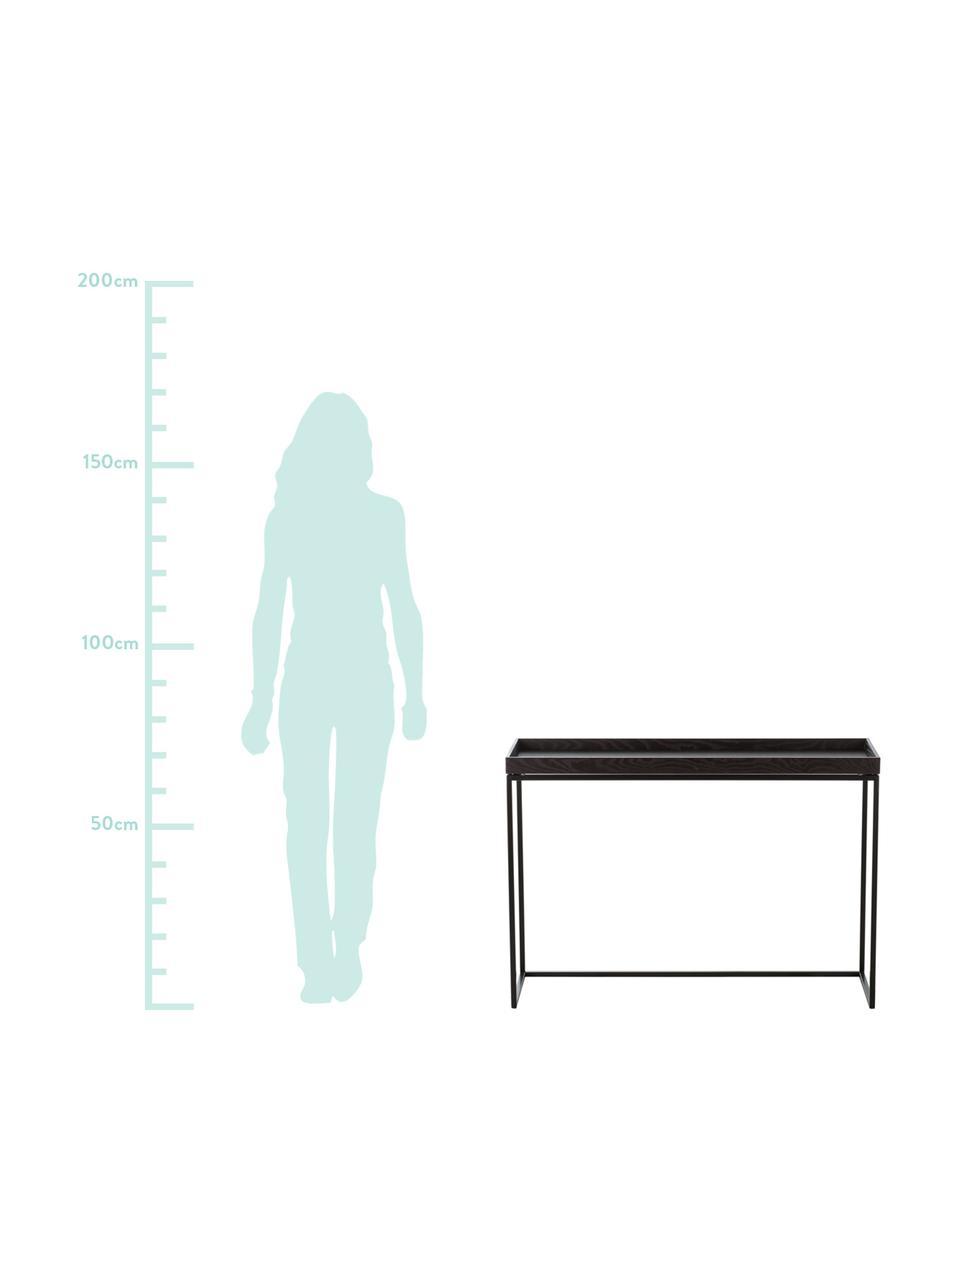 Designer-Konsole Pizzo in Schwarz, Gestell: Stahl, pulverbeschichtet, Ablage: Eiche, wengefarben gebeiz, Schwarz, B 100 x T 34 cm